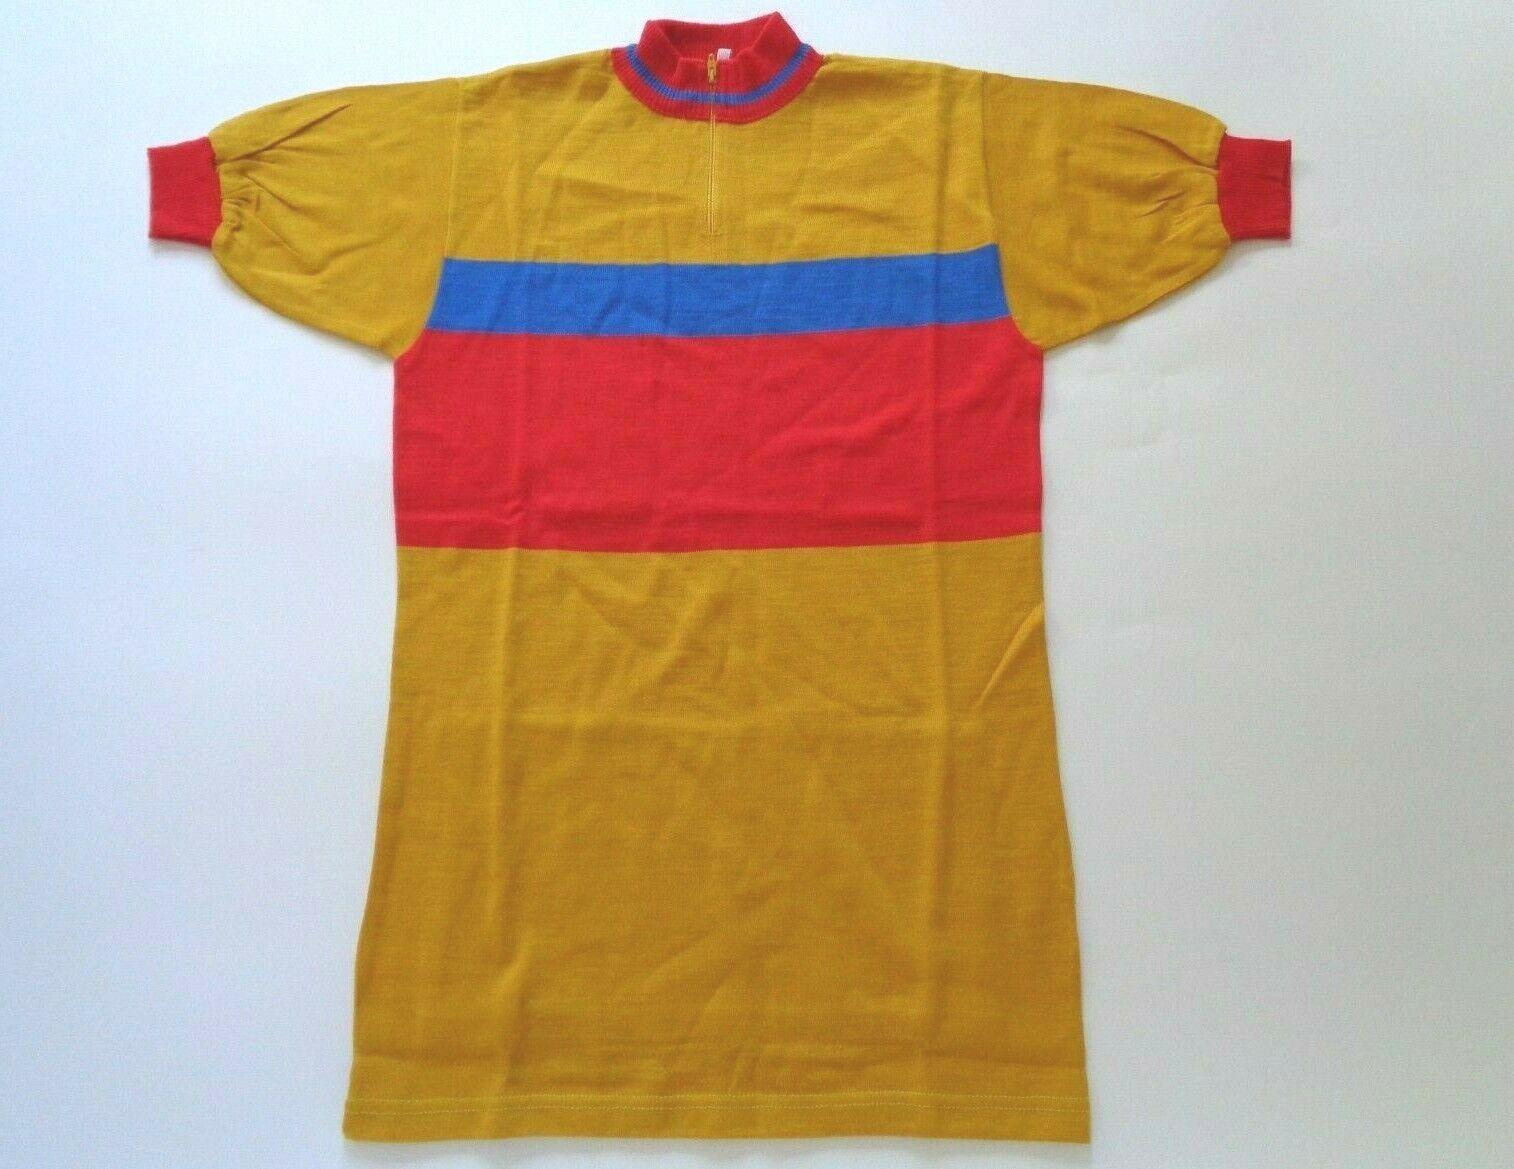 noas retrospectiva, camisetas del ciclo de lana italianas de los años setenta (amarillo   rojo   azul) Código s